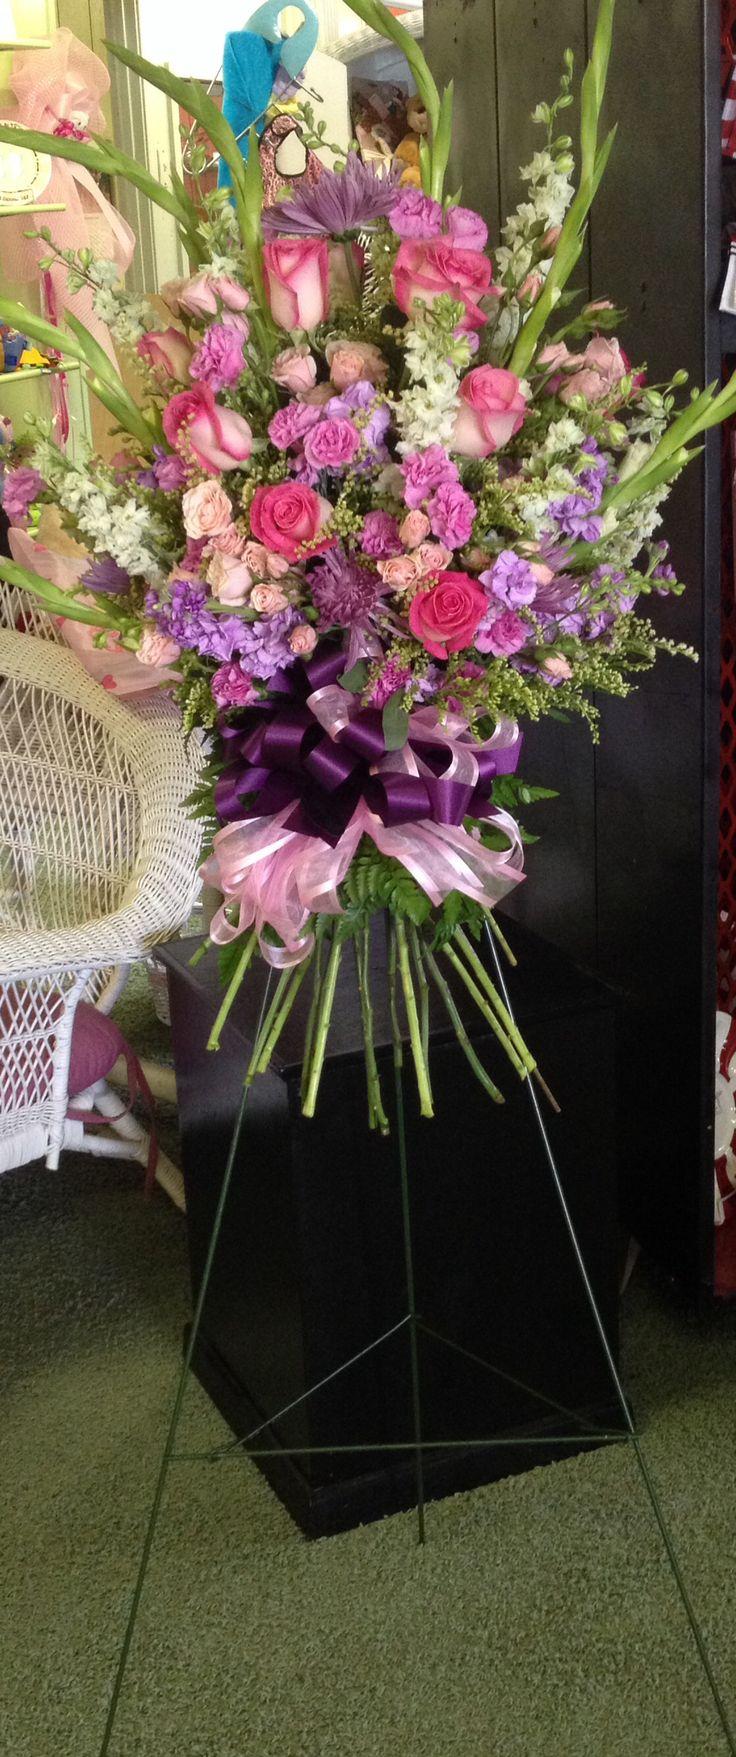 25 Best Ideas About Funeral Arrangements On Pinterest